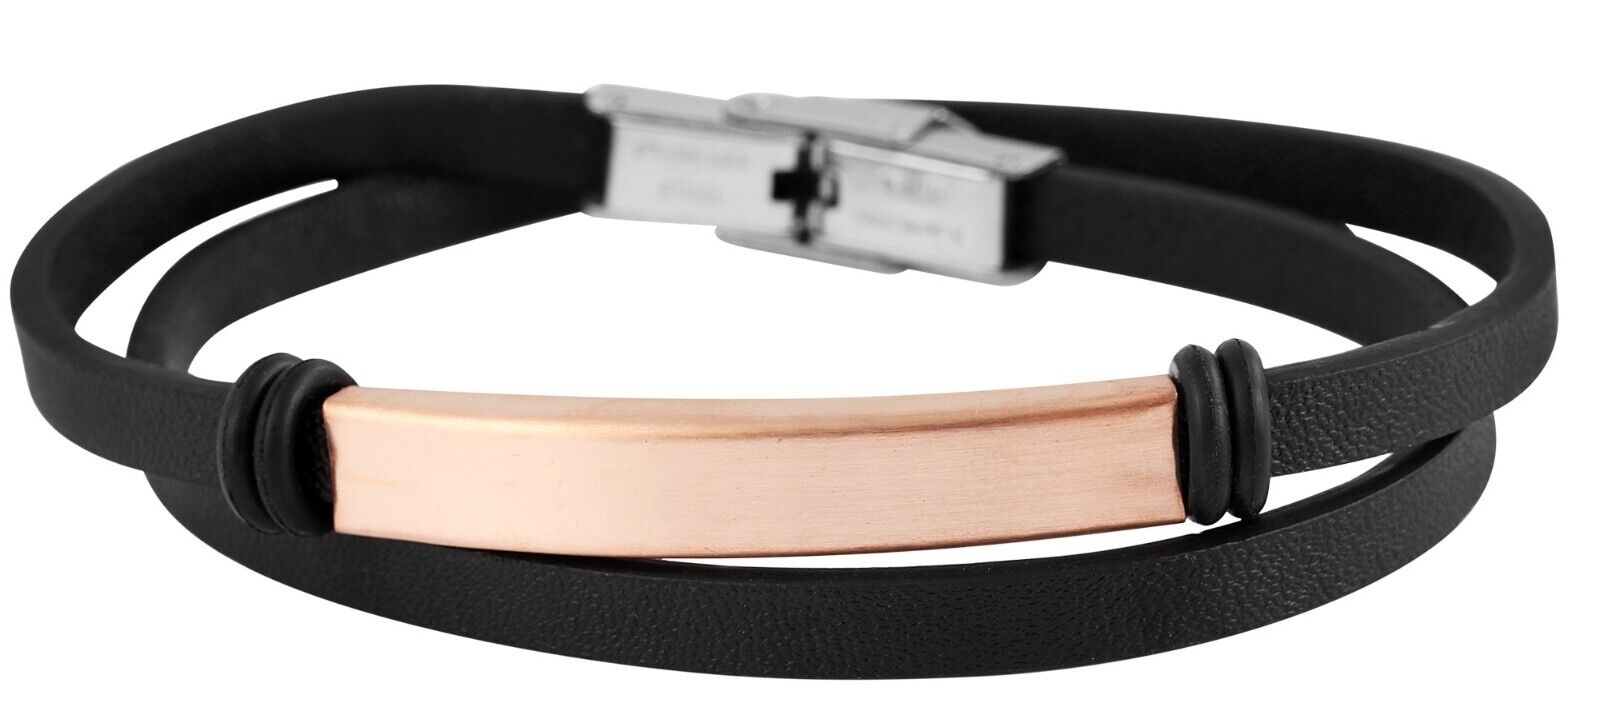 Wickelarmband - Modell 6